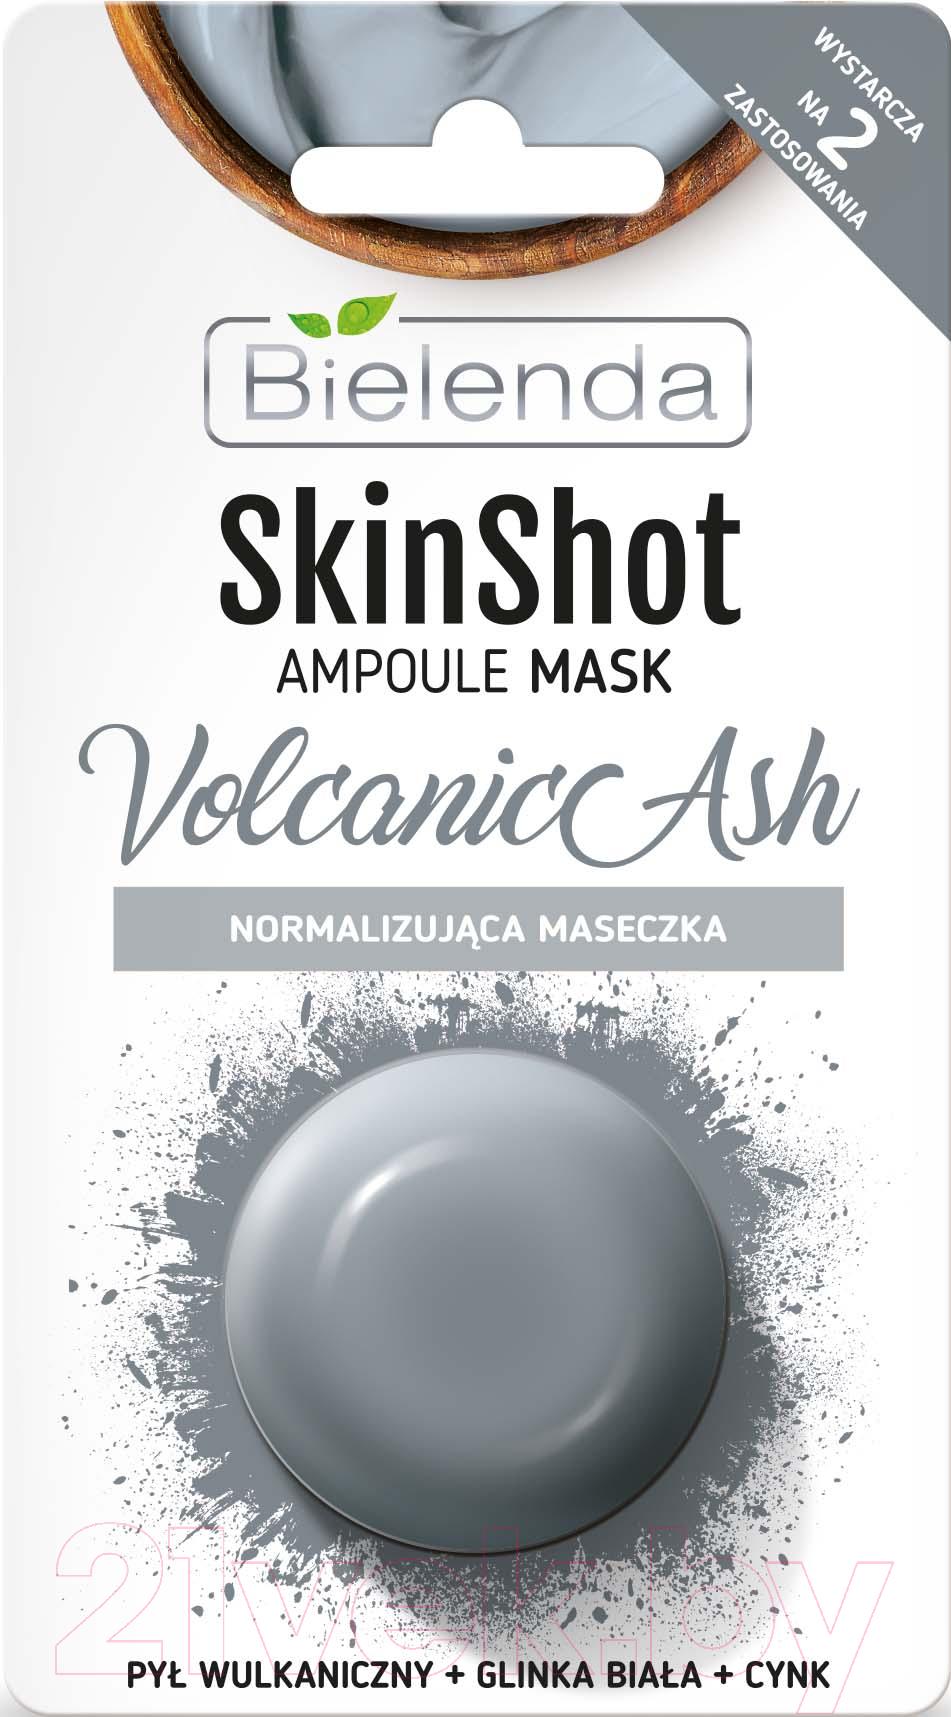 Купить Маска для лица кремовая Bielenda, Skin Shot нормализующая вулканический пепел (8г), Польша, Skin Shot (Bielenda)